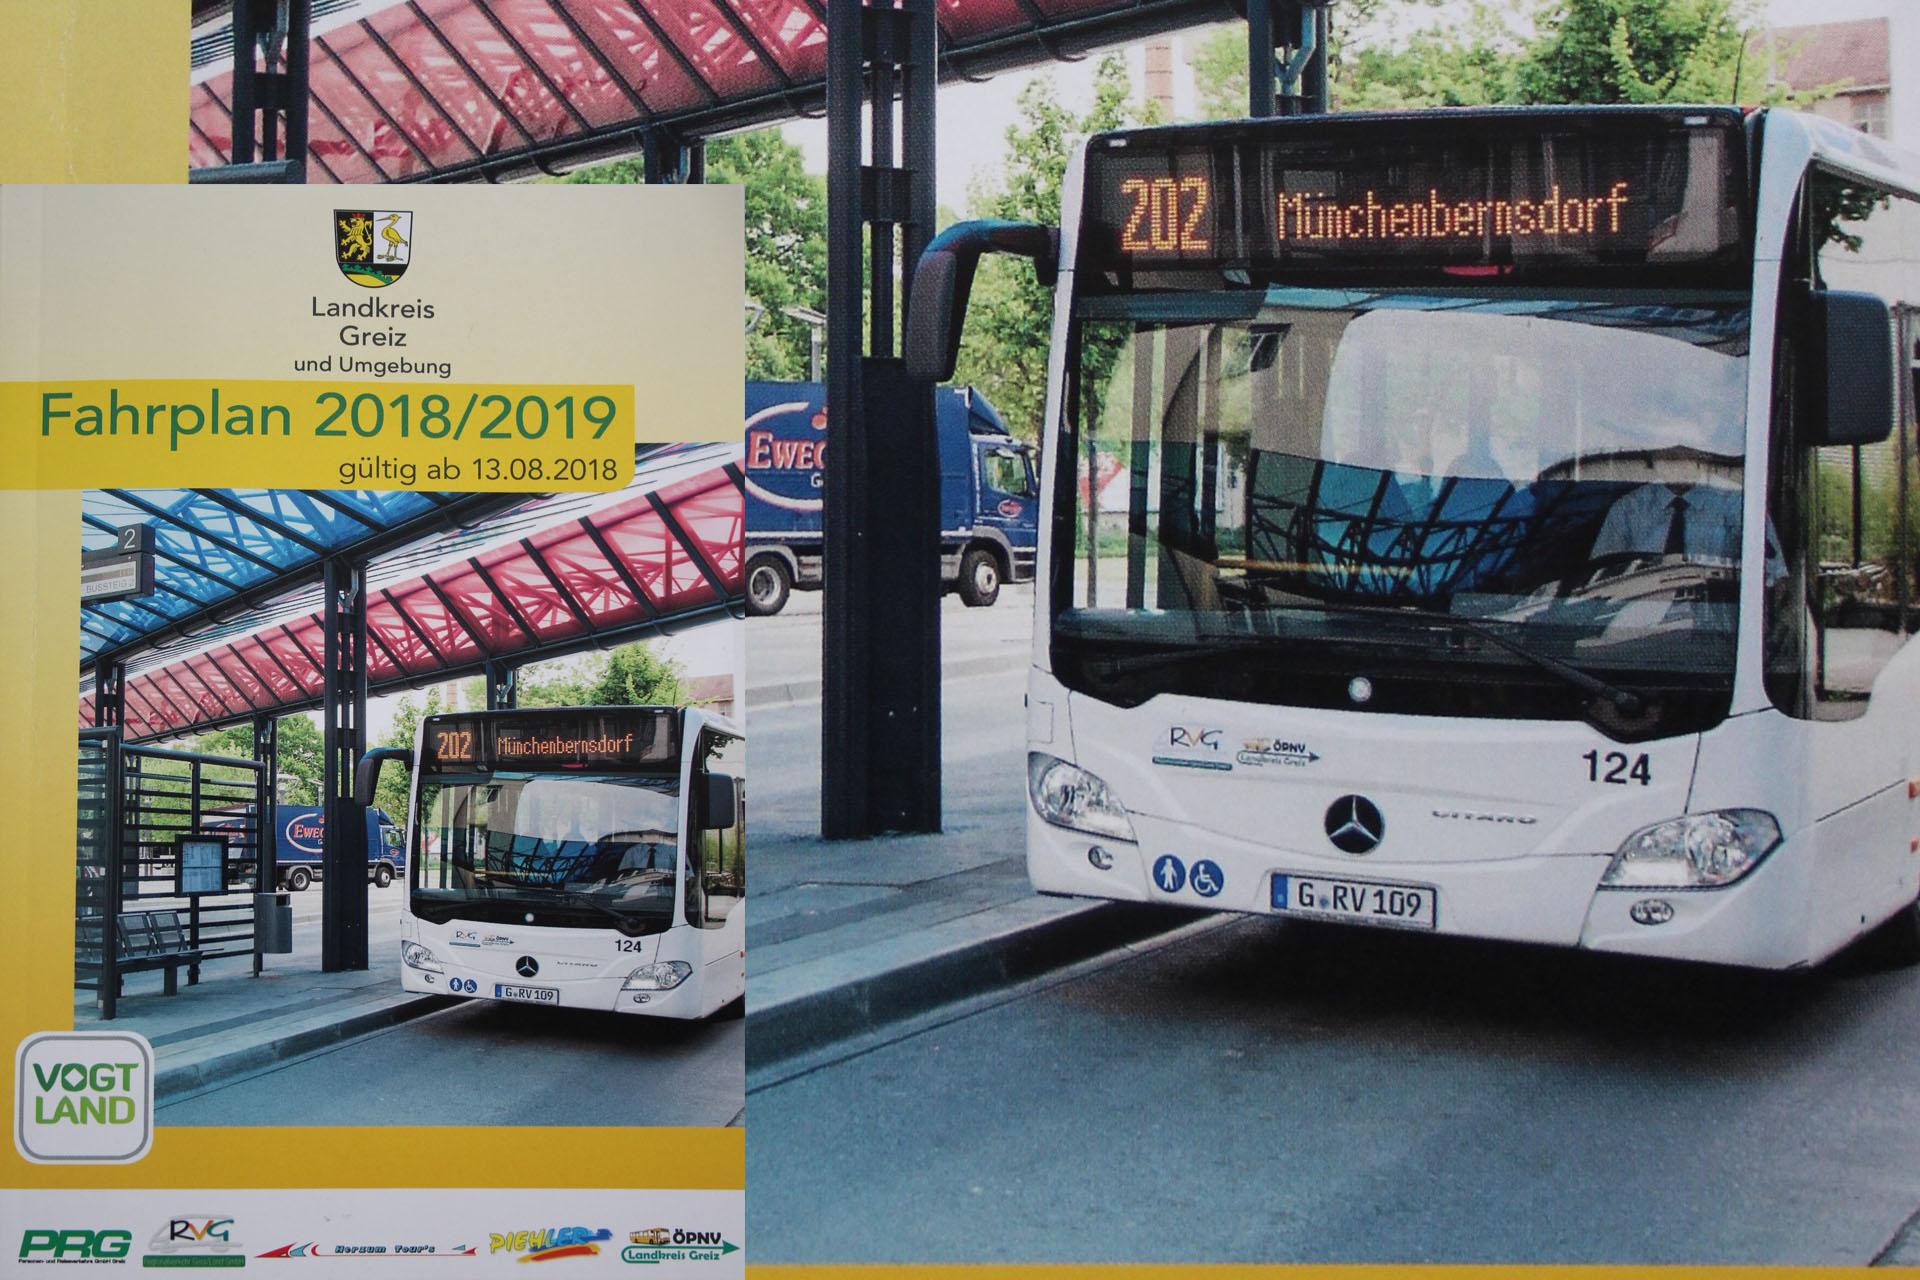 Neuer Busfahrplan der PRG ist Praxistest für neues Verkehrskonzept